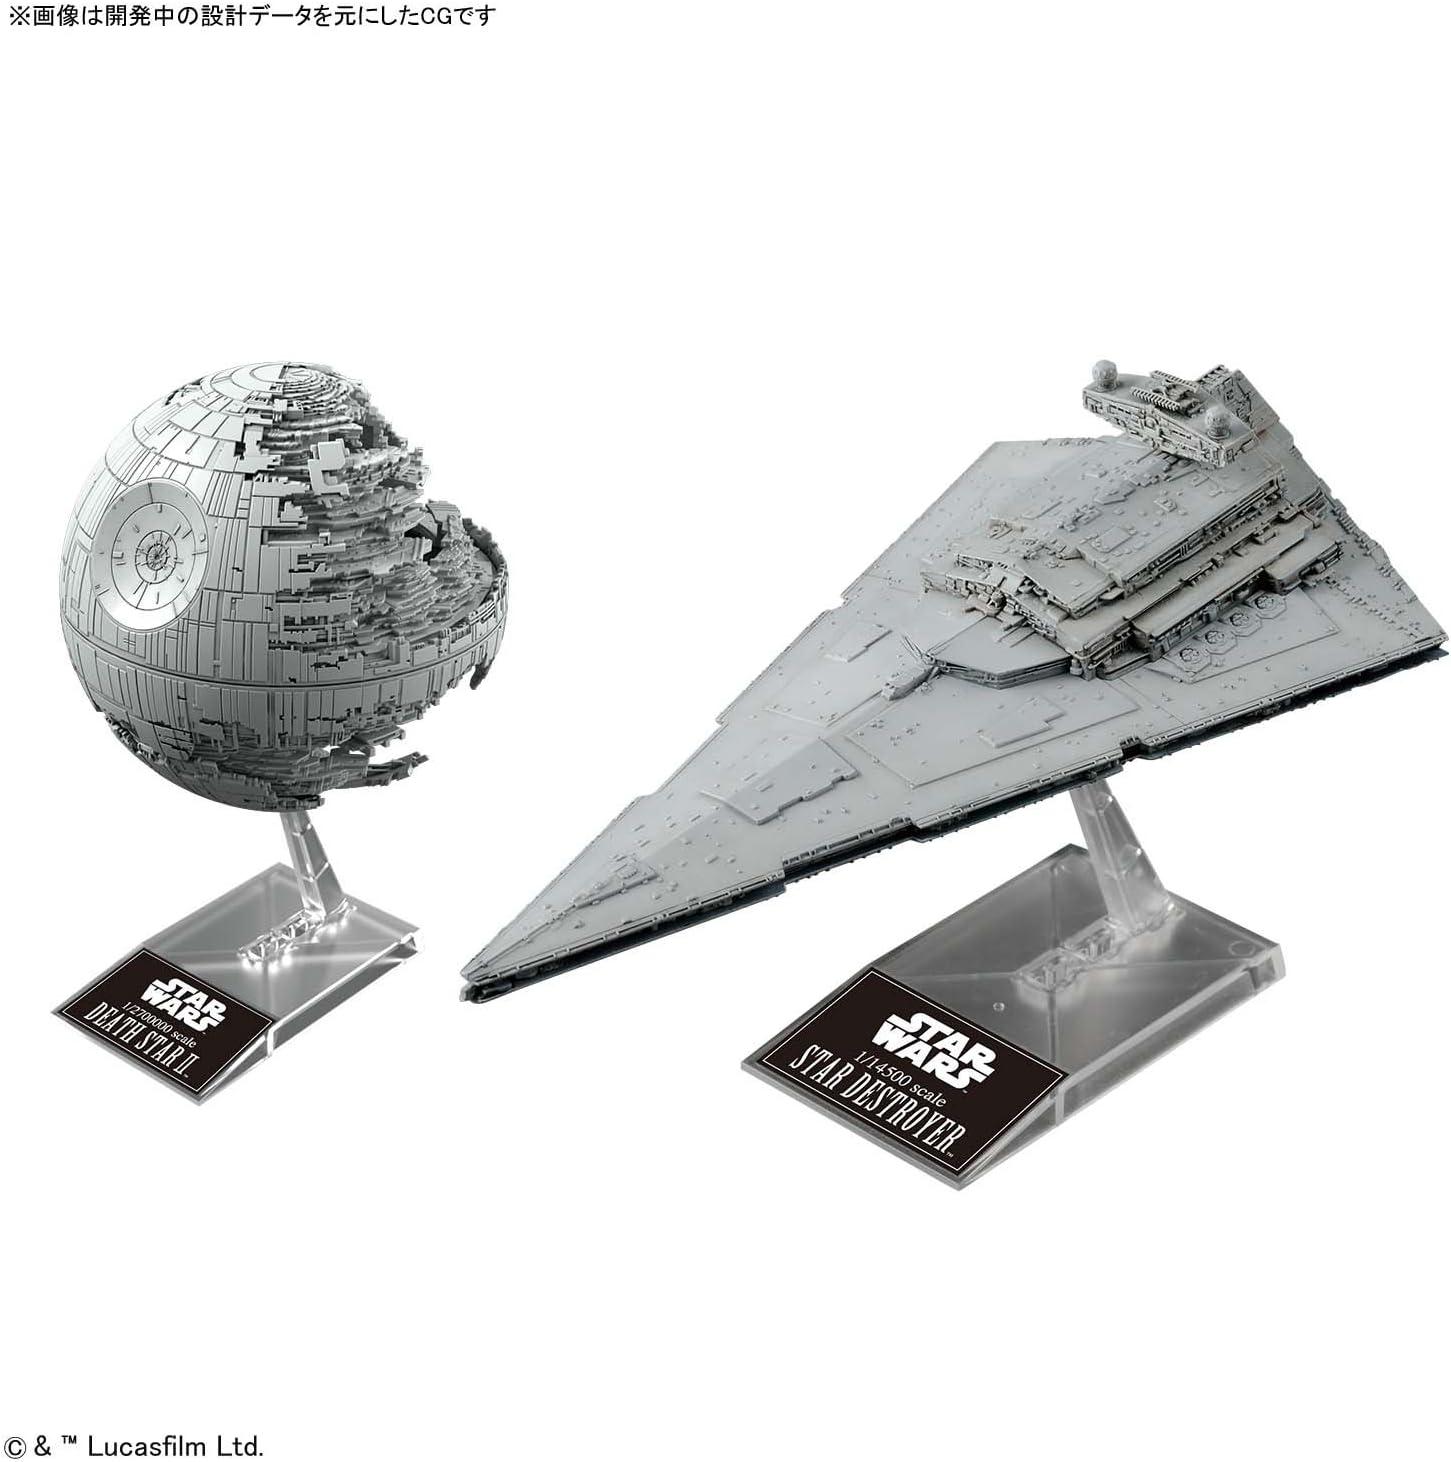 2,700,000 Death Star II /& 1 14,500 Star Destroyer Plastic Model Bandai Star Wars 1